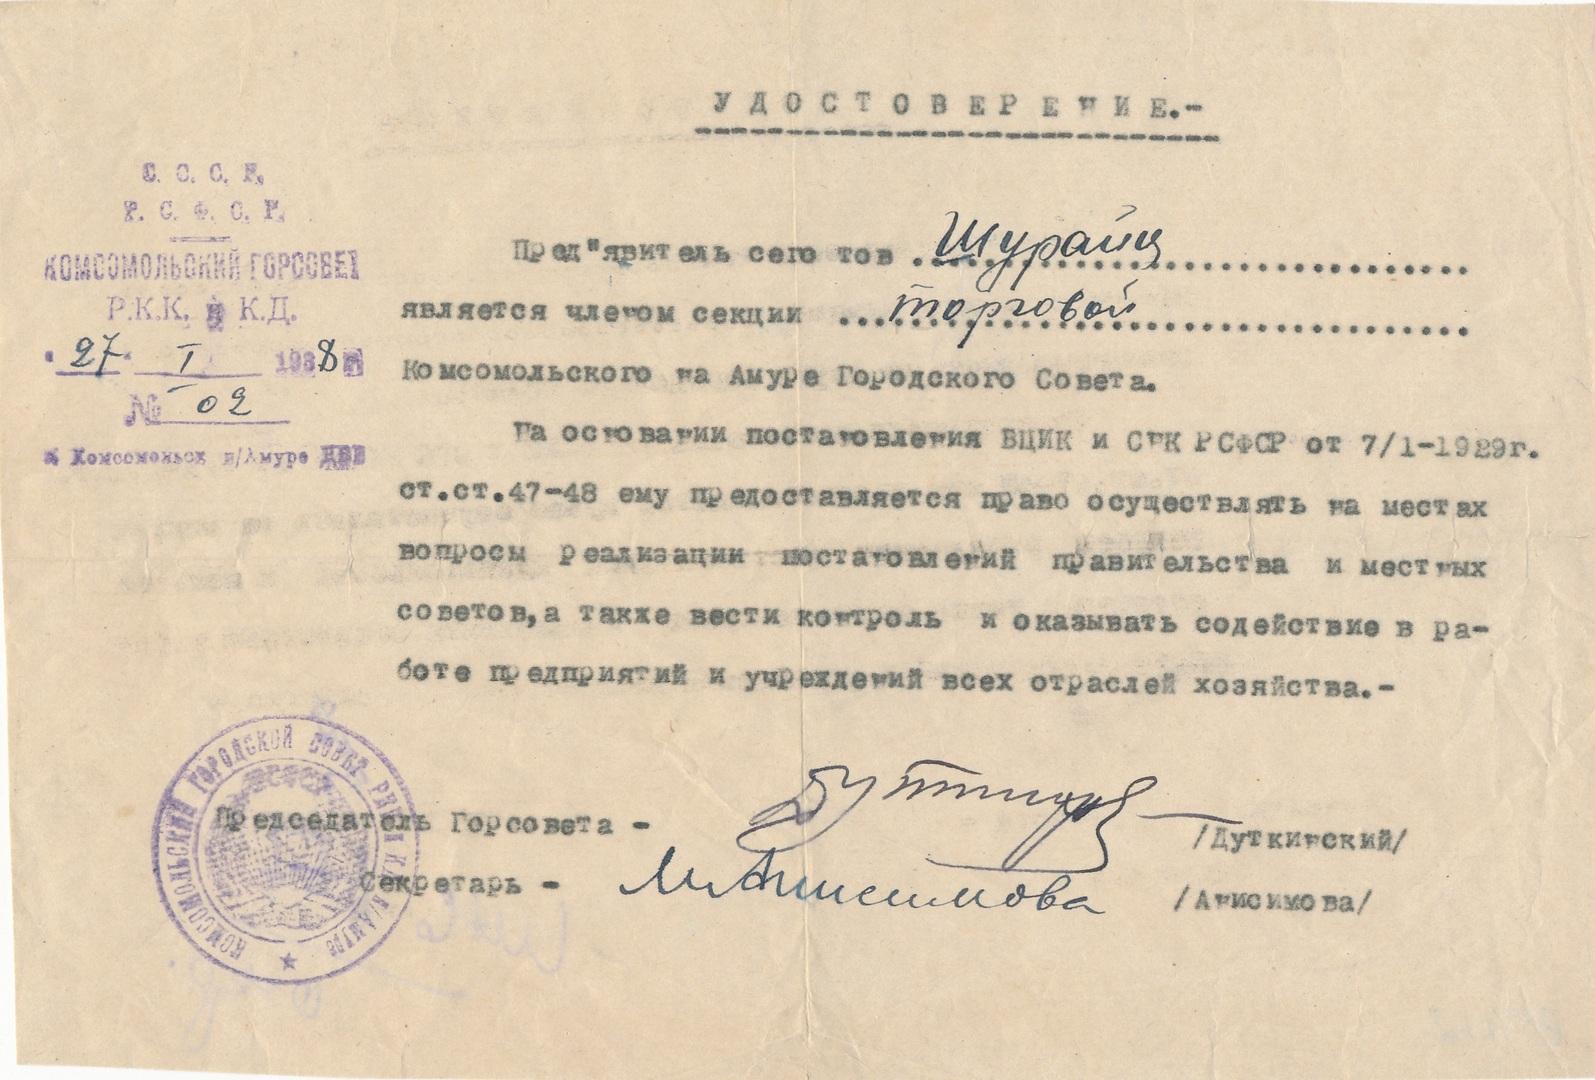 Удостоверение №02 Комсомольского горсовета РКК и КД